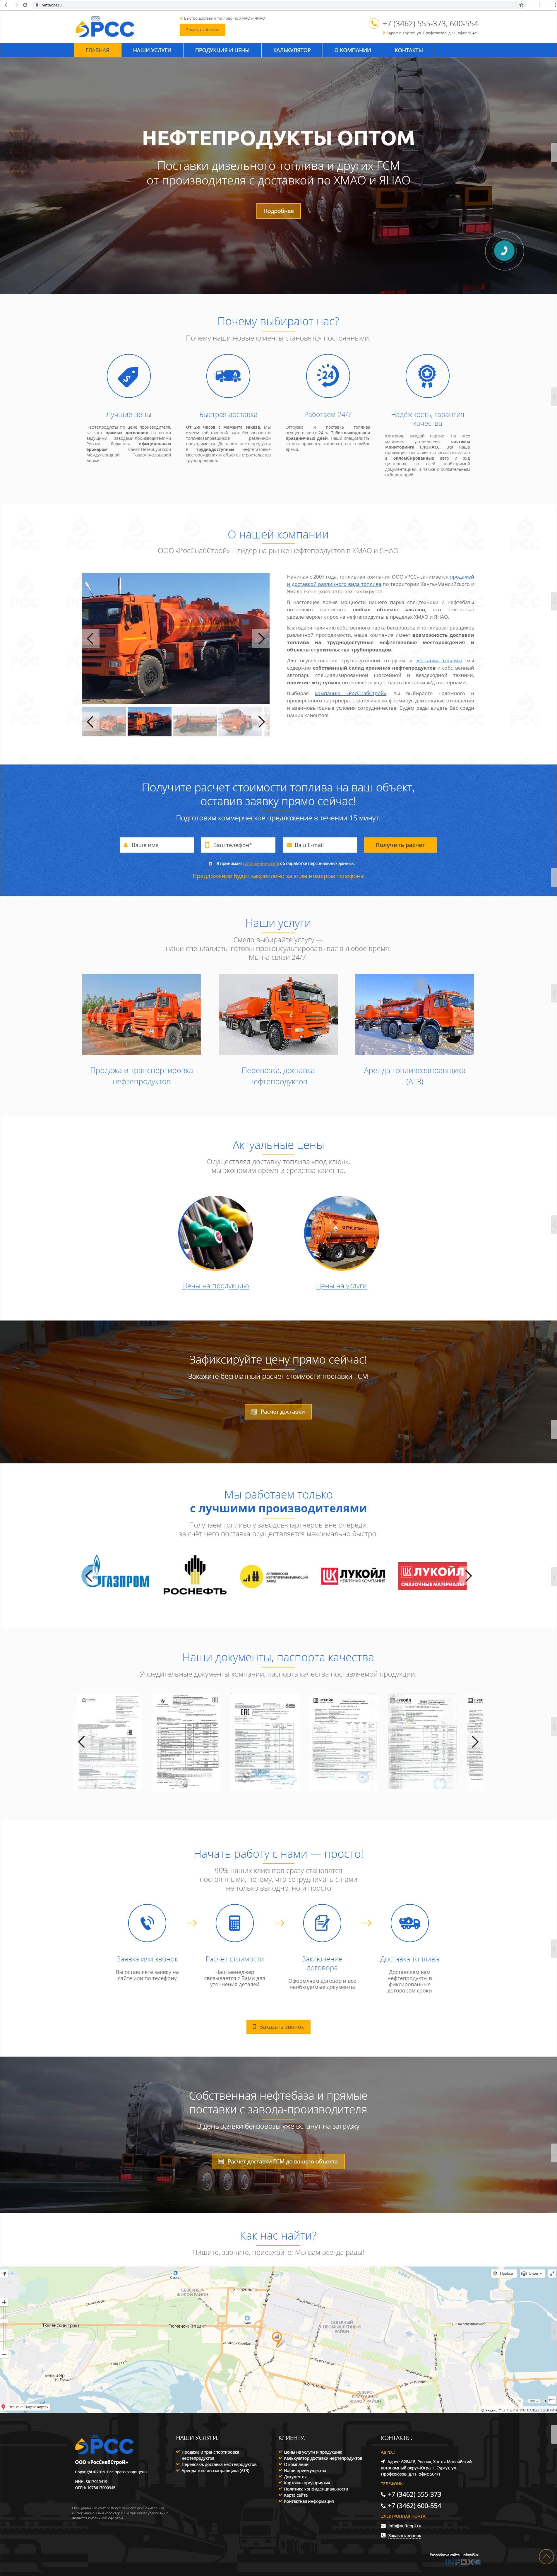 Дизайн веб-сайта по поставке бензина и дизельного топлива